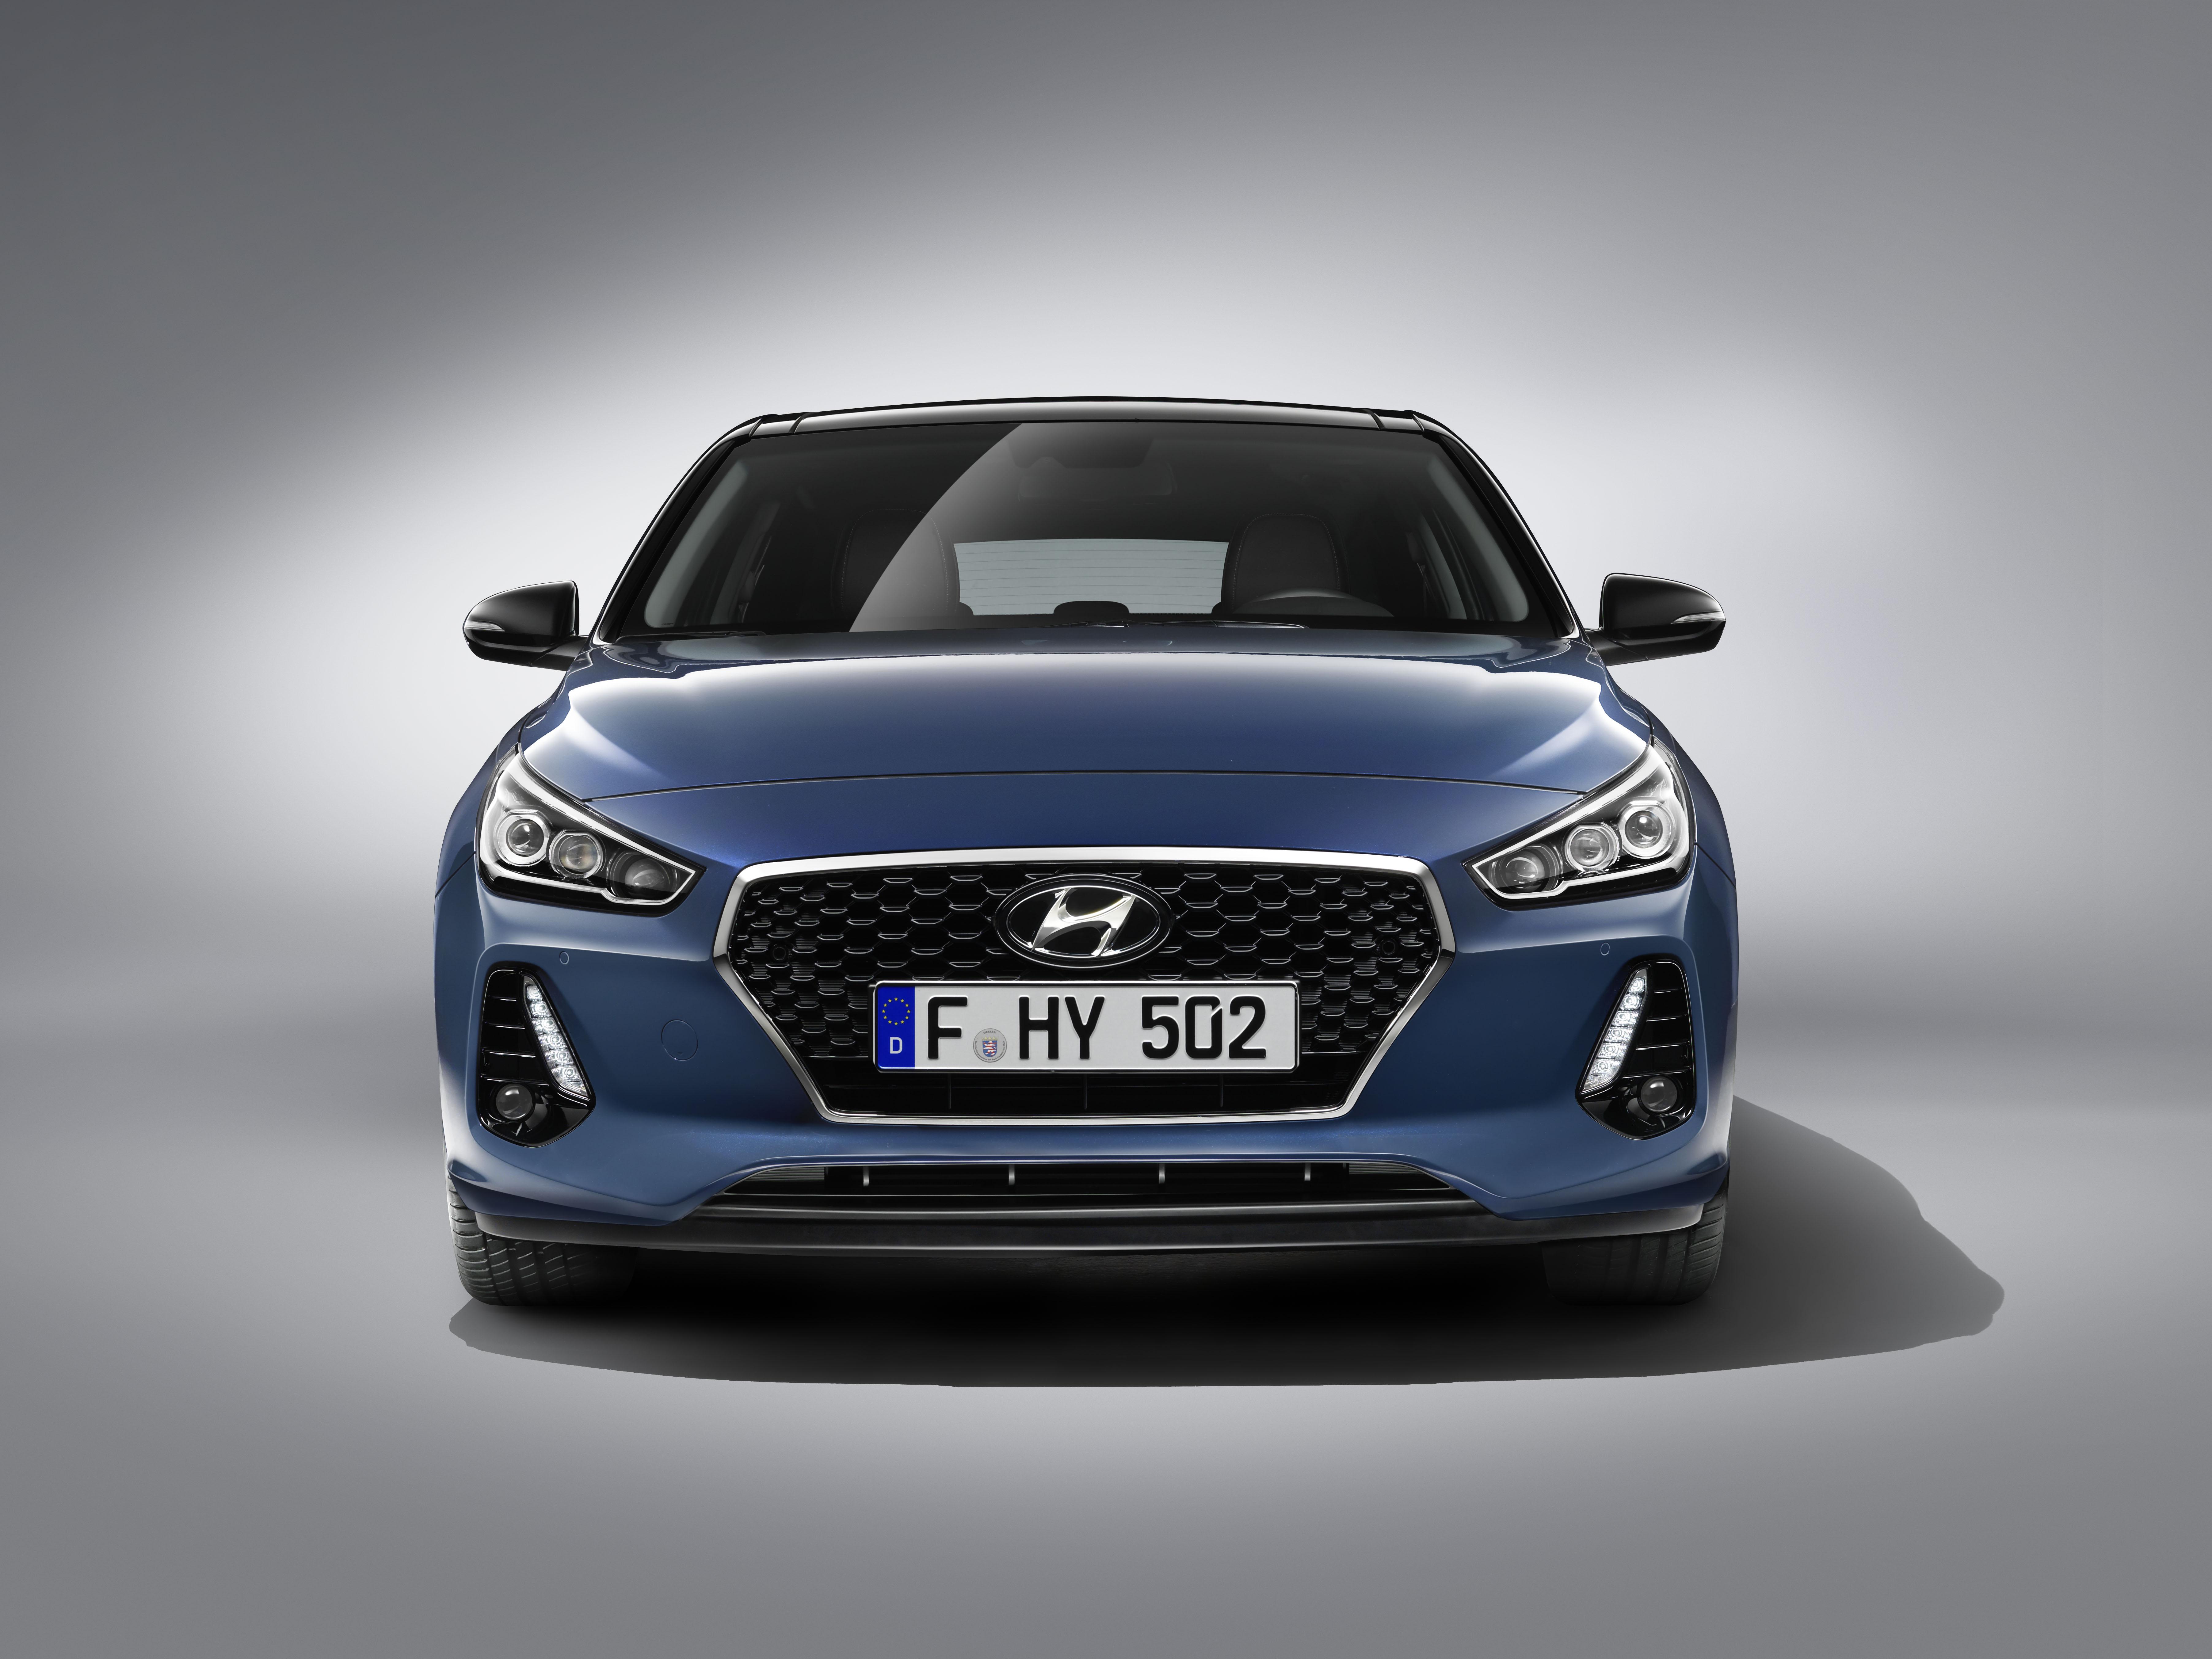 Hyundai's New Generation i30